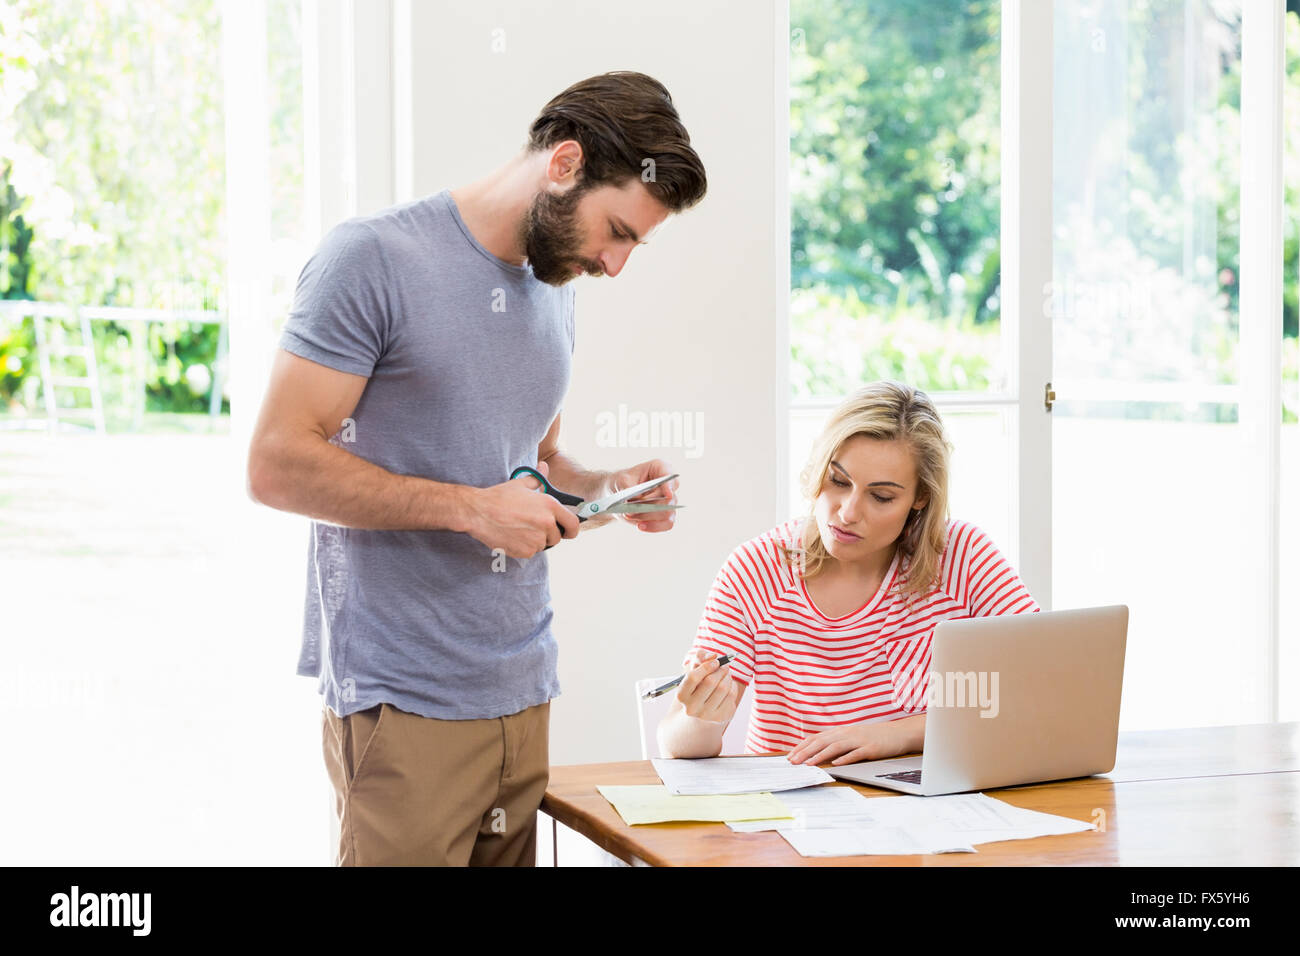 Uomo taglio di una carta di credito mentre donna tesa con fatture seduta a tavola Immagini Stock